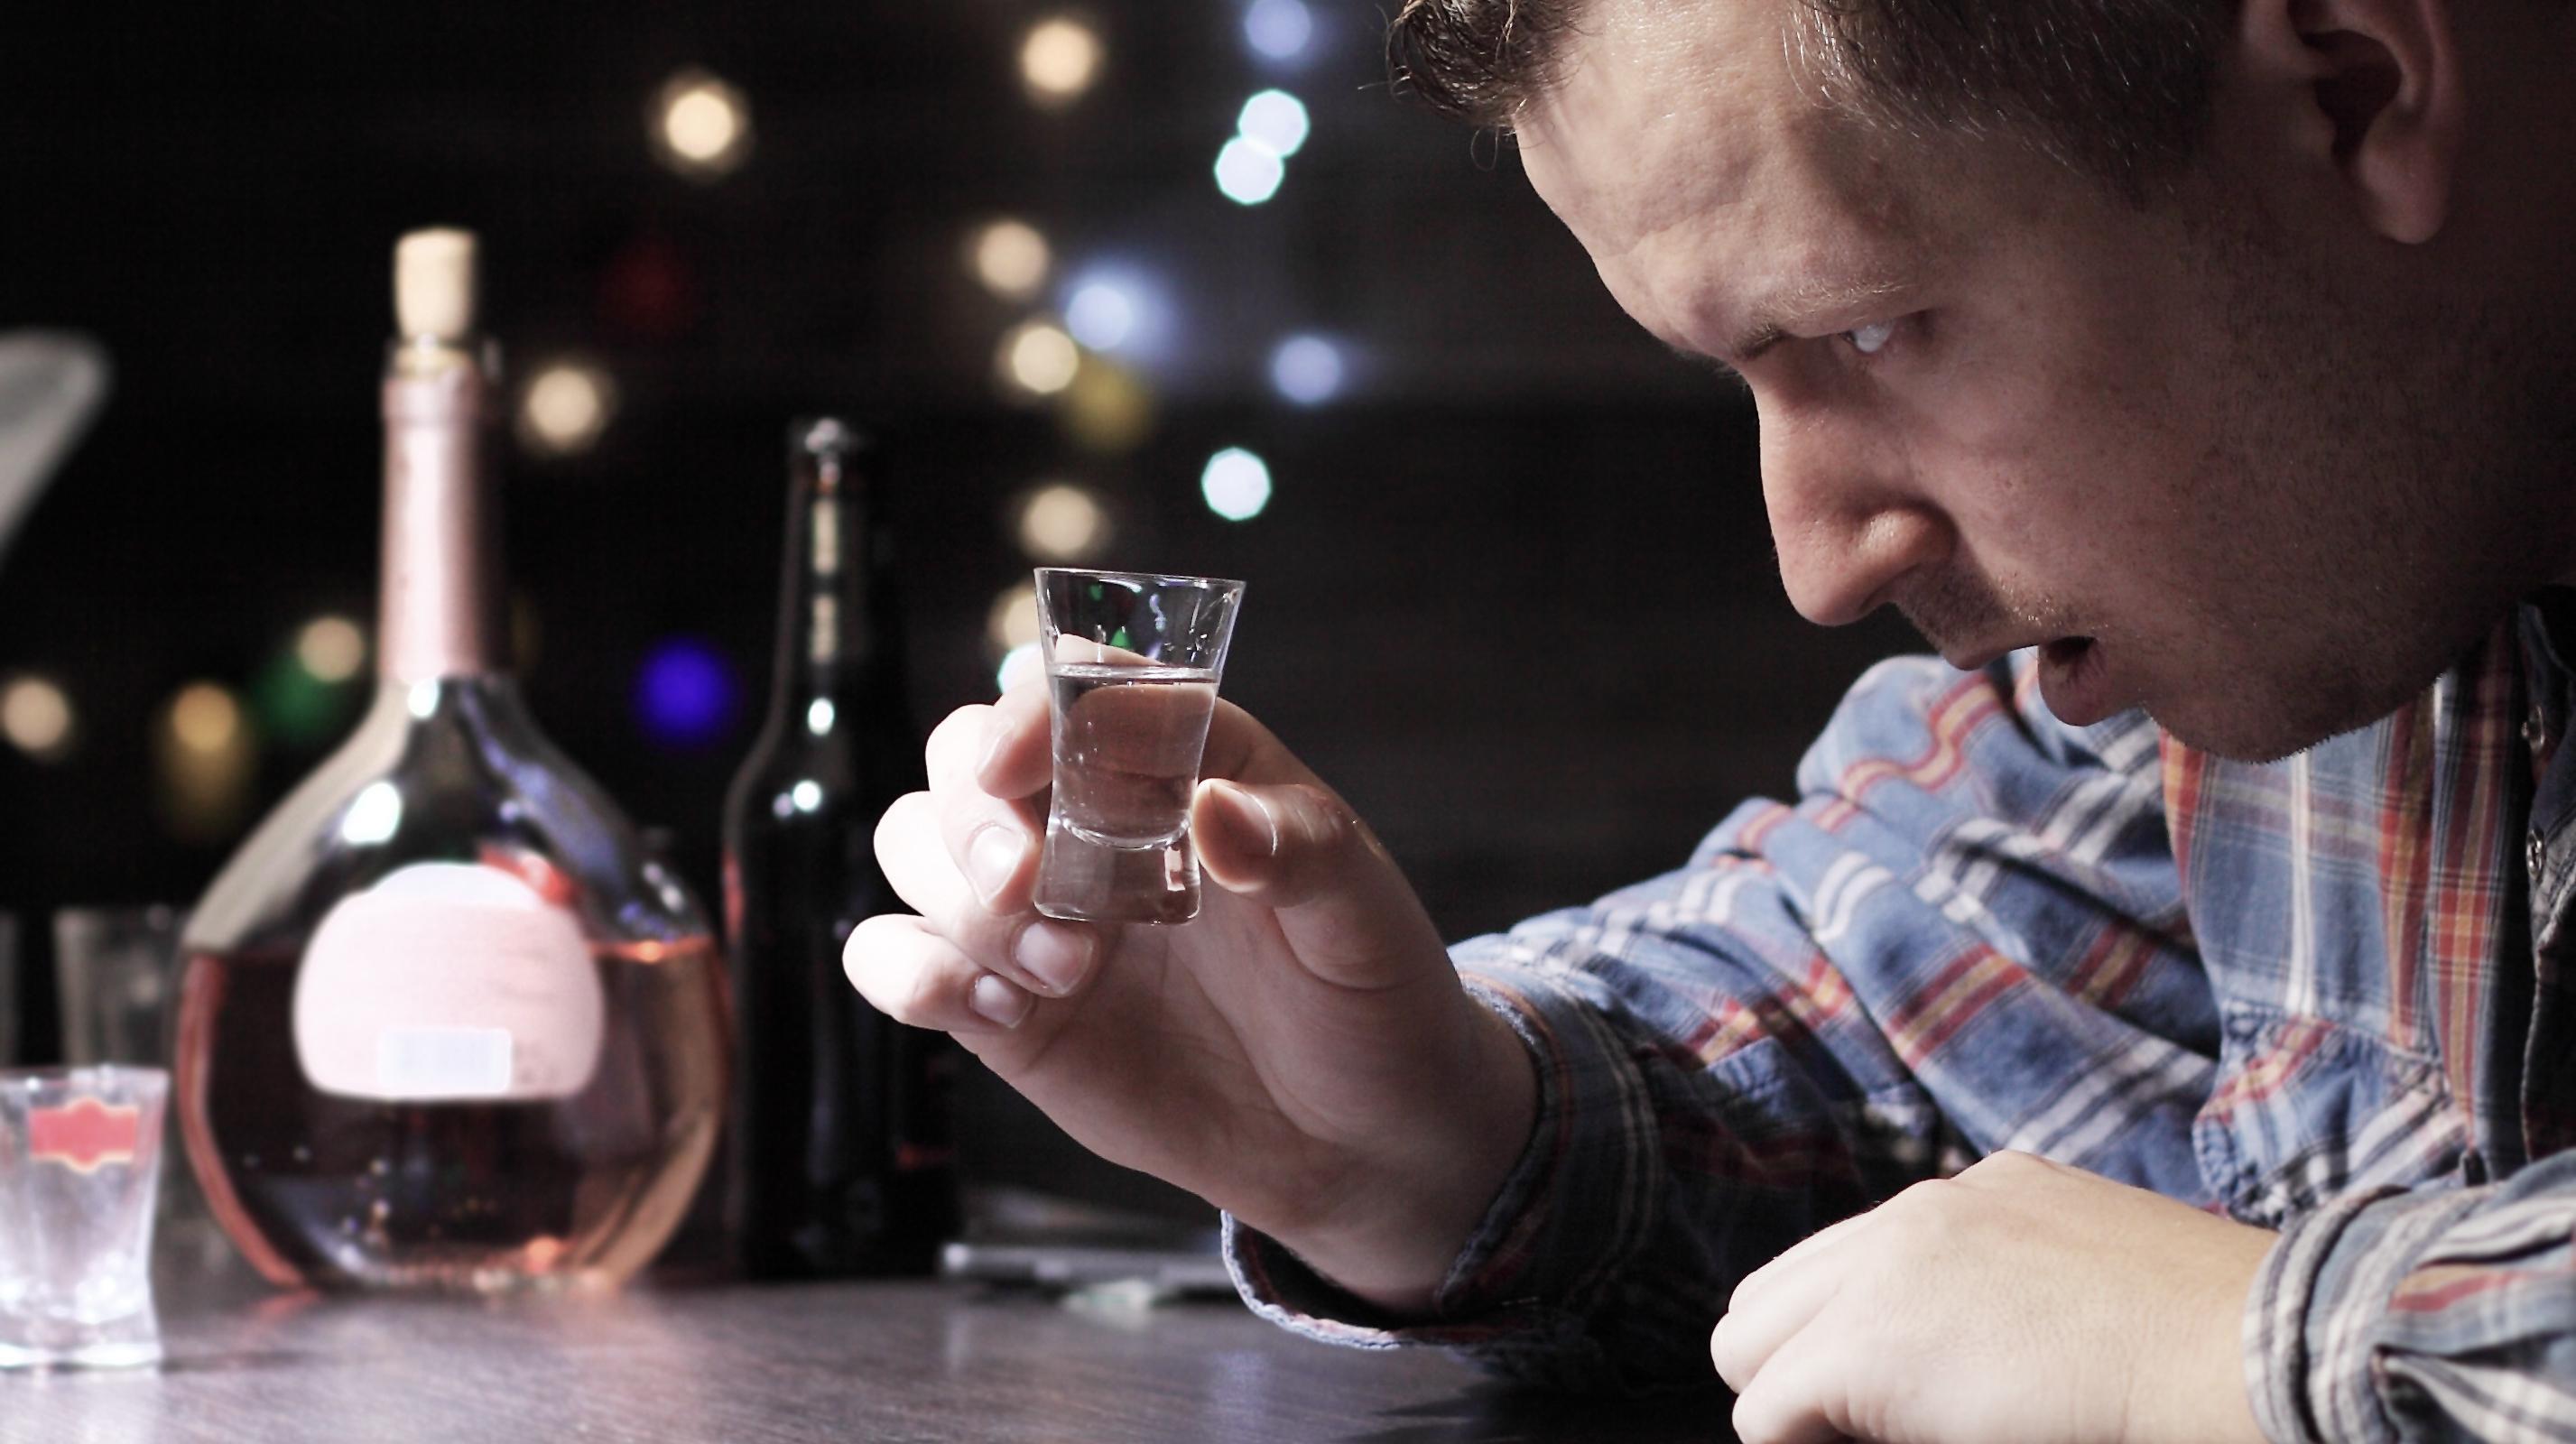 Употребление алкоголя связали с 741300 случаями рака во всем мире в 2020 году